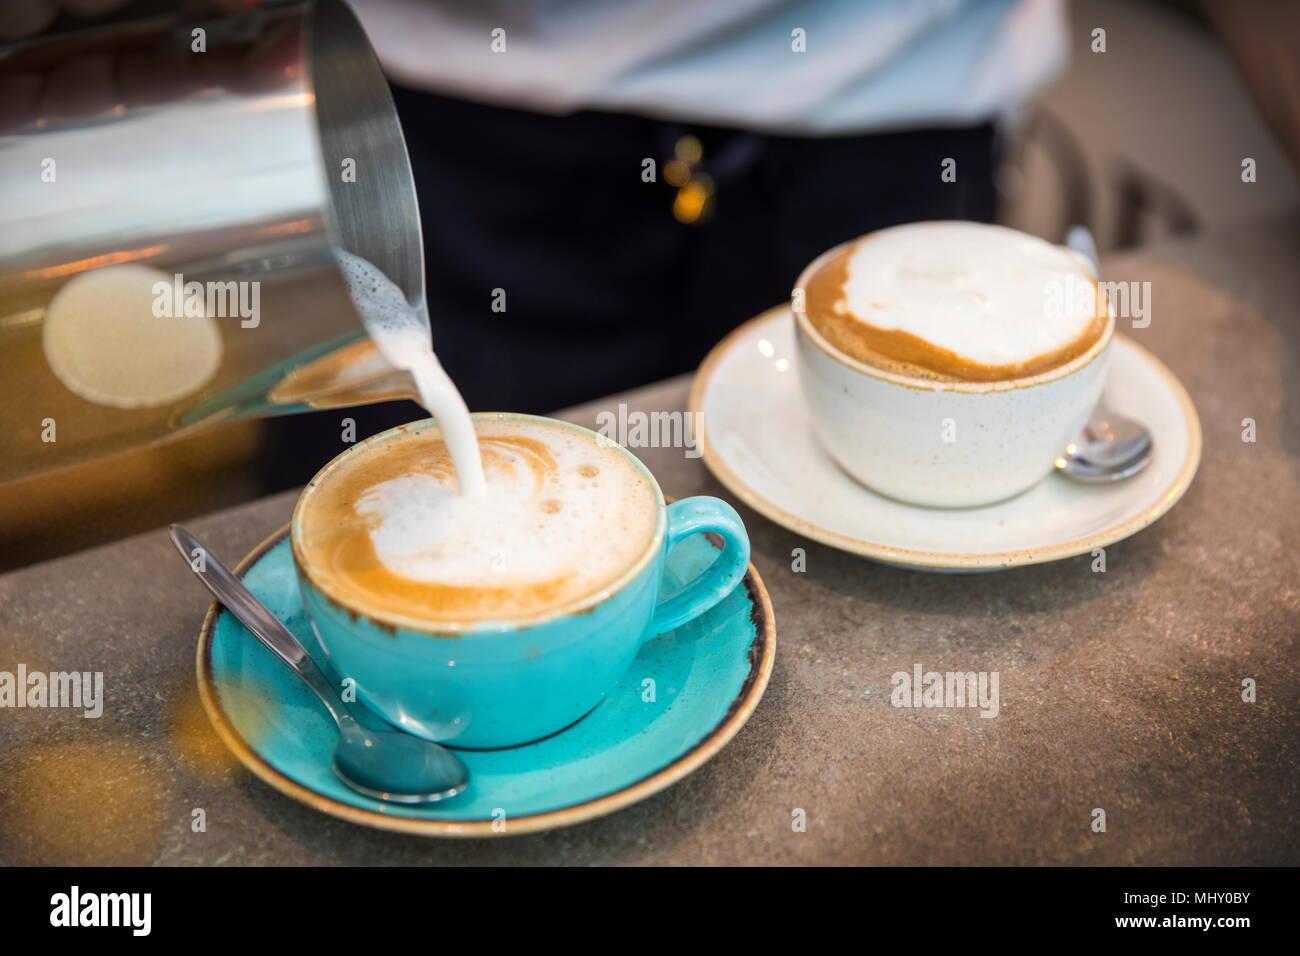 Barista pouring du lait moussé en tasse à café, close-up Banque D'Images